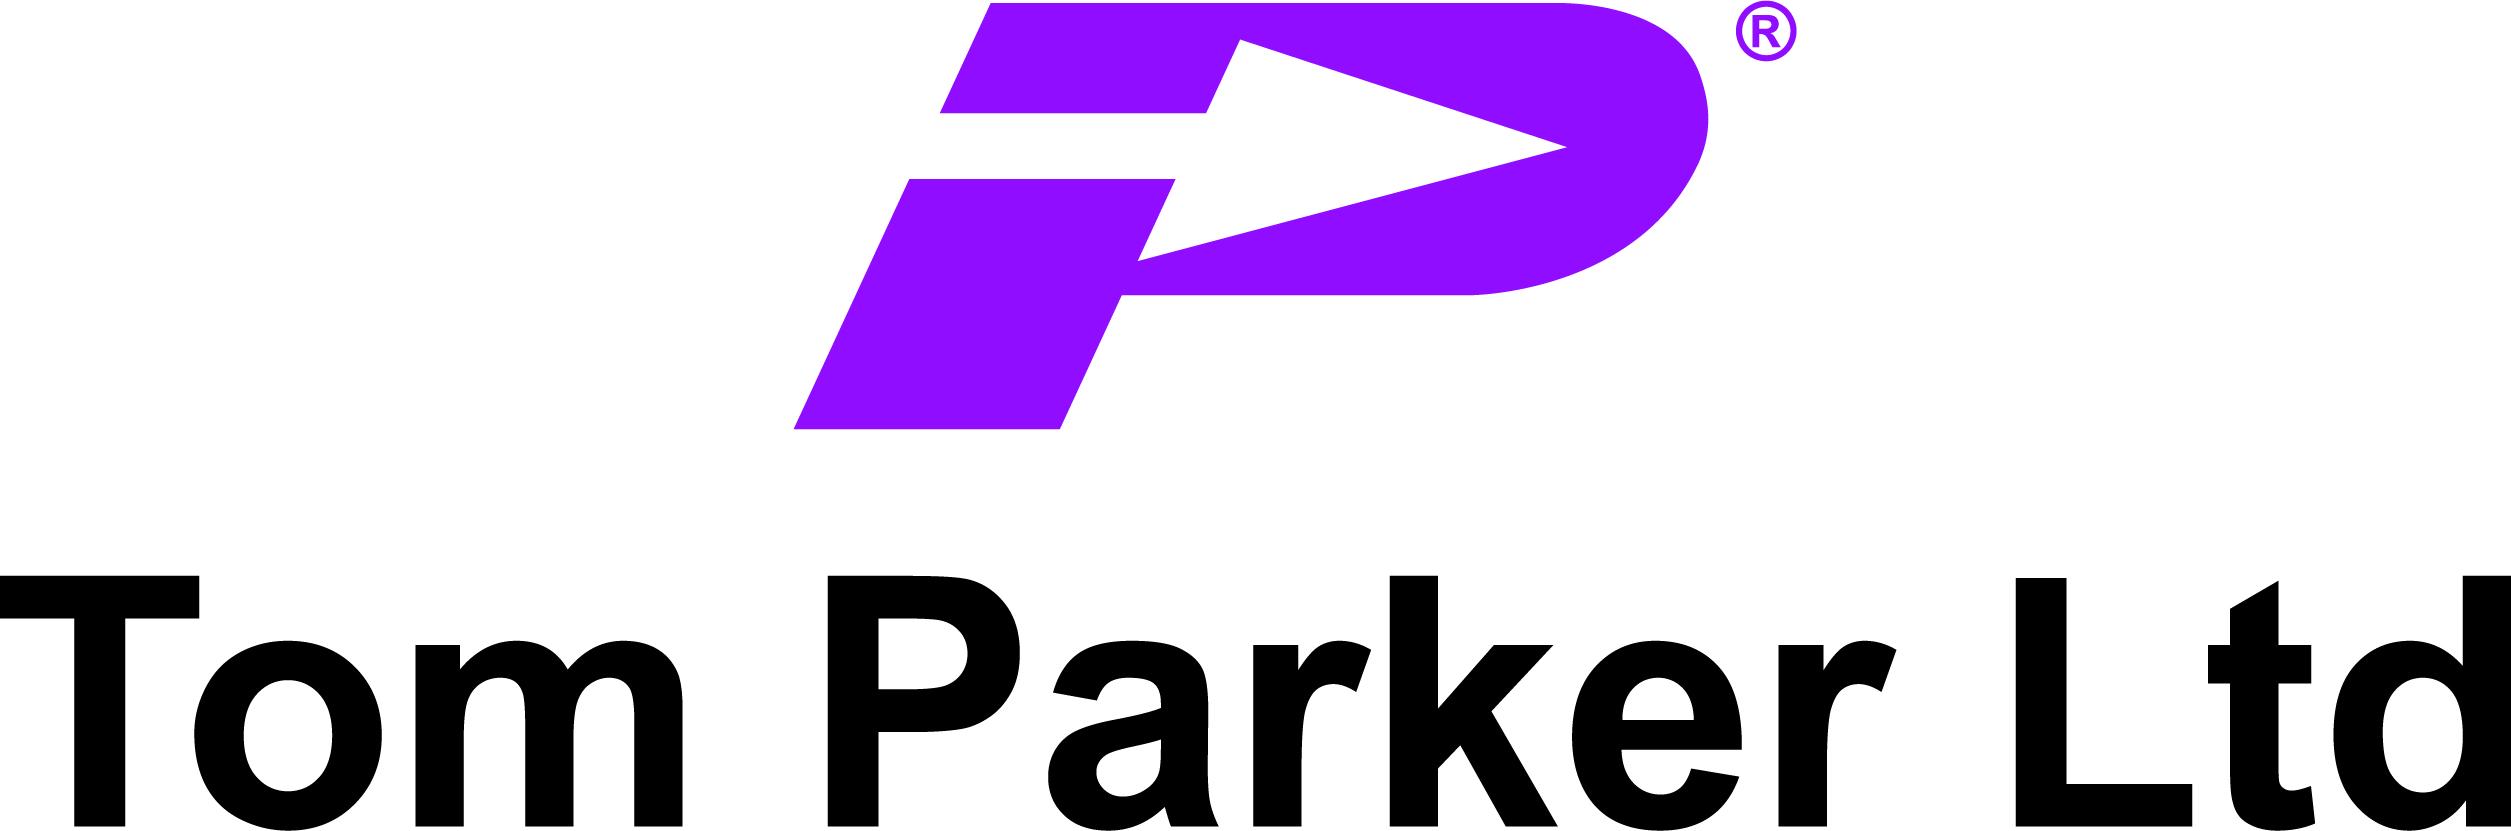 Tom Parker Ltd